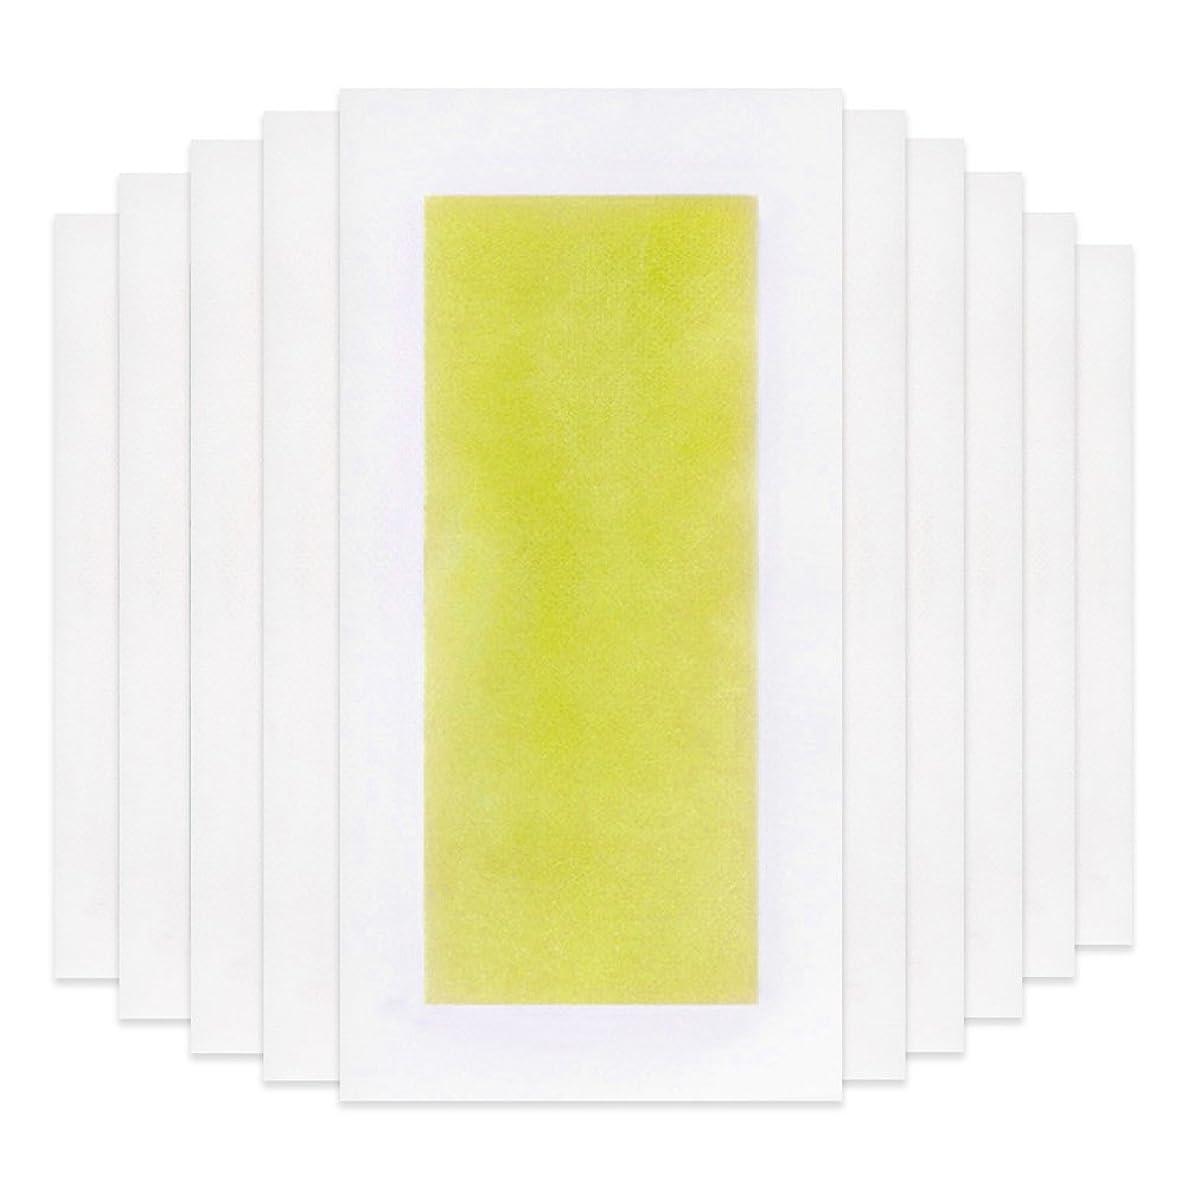 初心者湖寂しいRabugoo 脚の身体の顔のための10個のプロフェッショナルな夏の脱毛ダブルサイドコールドワックスストリップ紙 Yellow